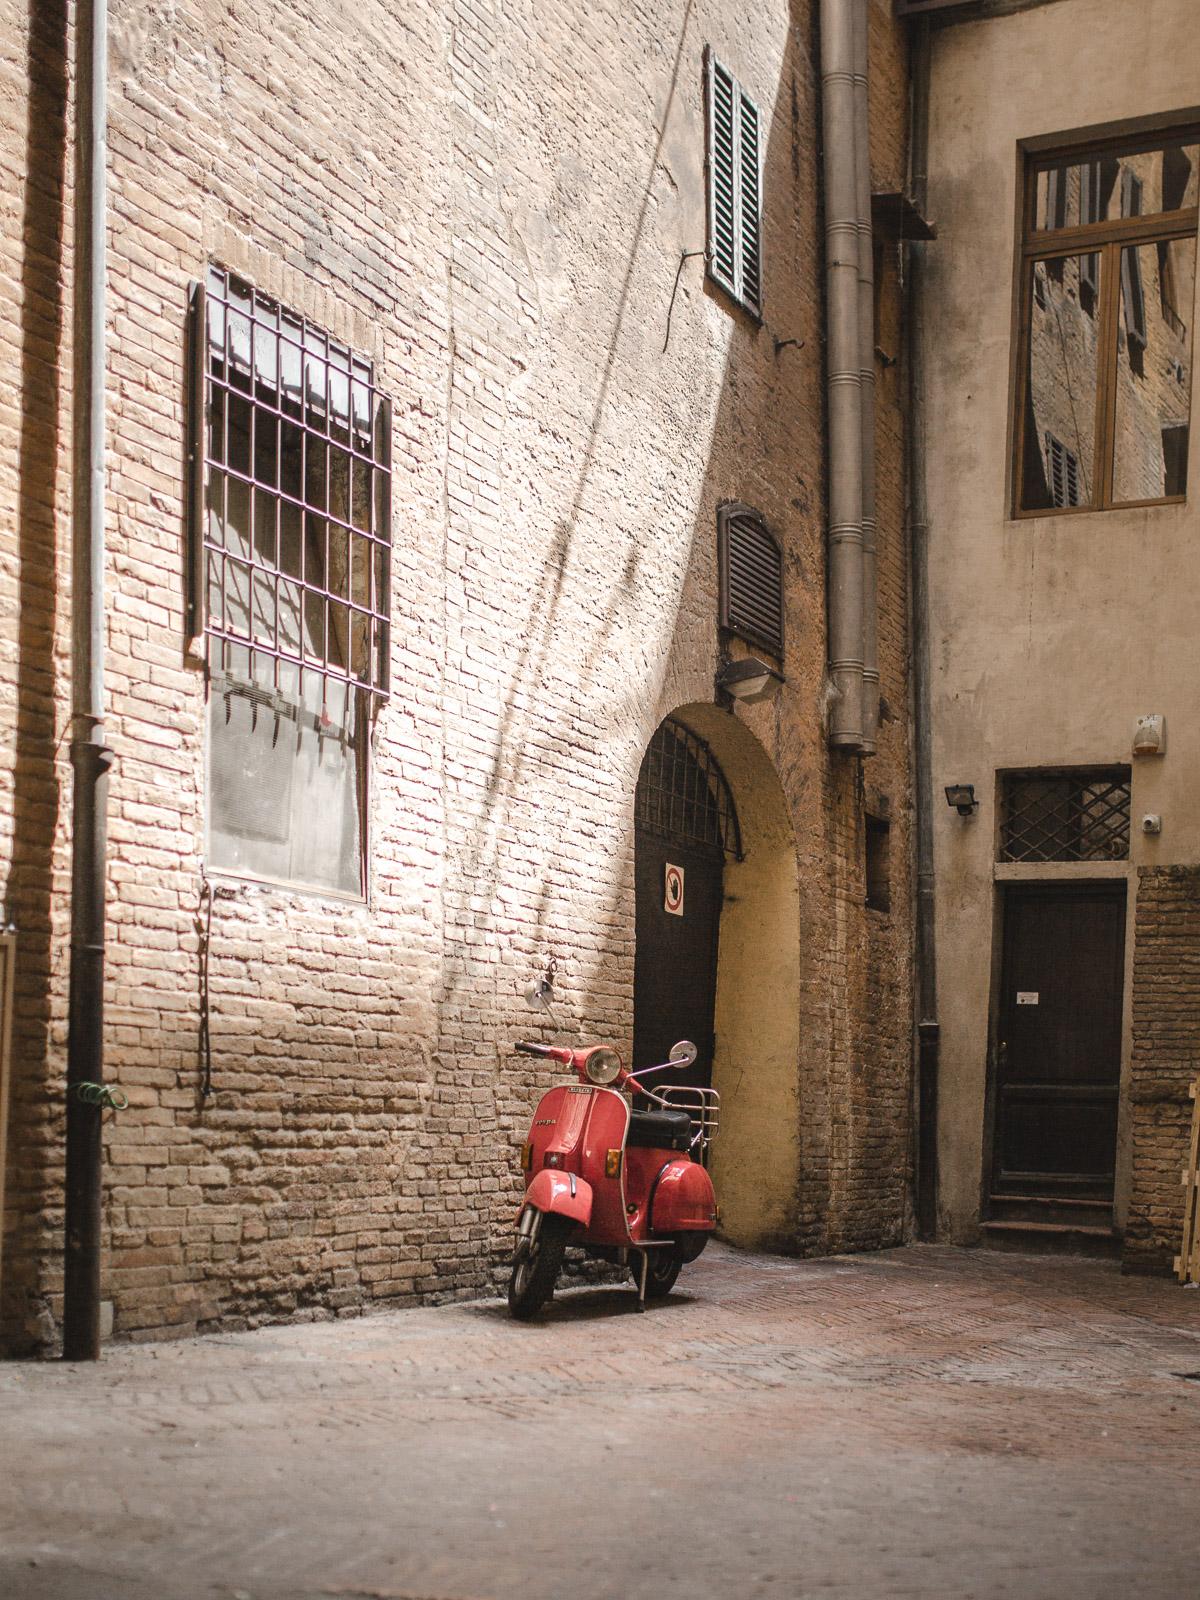 siena italy tuscany red moped